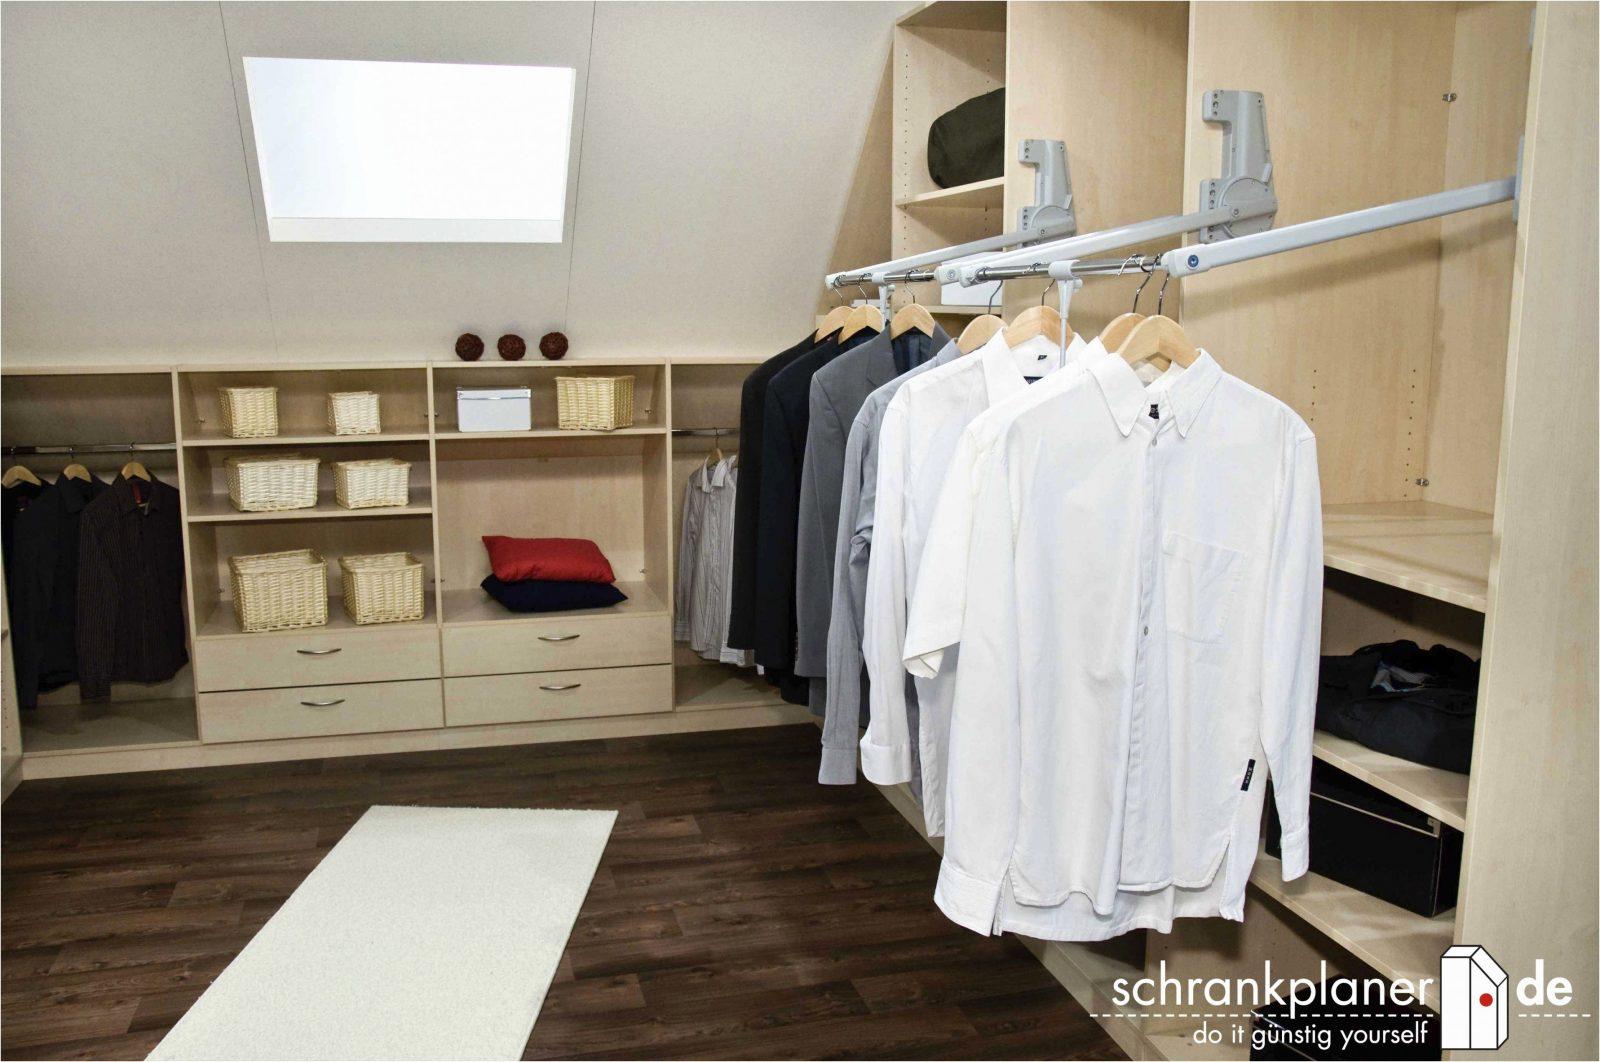 Schrank Selber Bauen Anleitung Einzigartig Schrank Für Dachschräge von Schrank Für Schräge Selber Bauen Bild